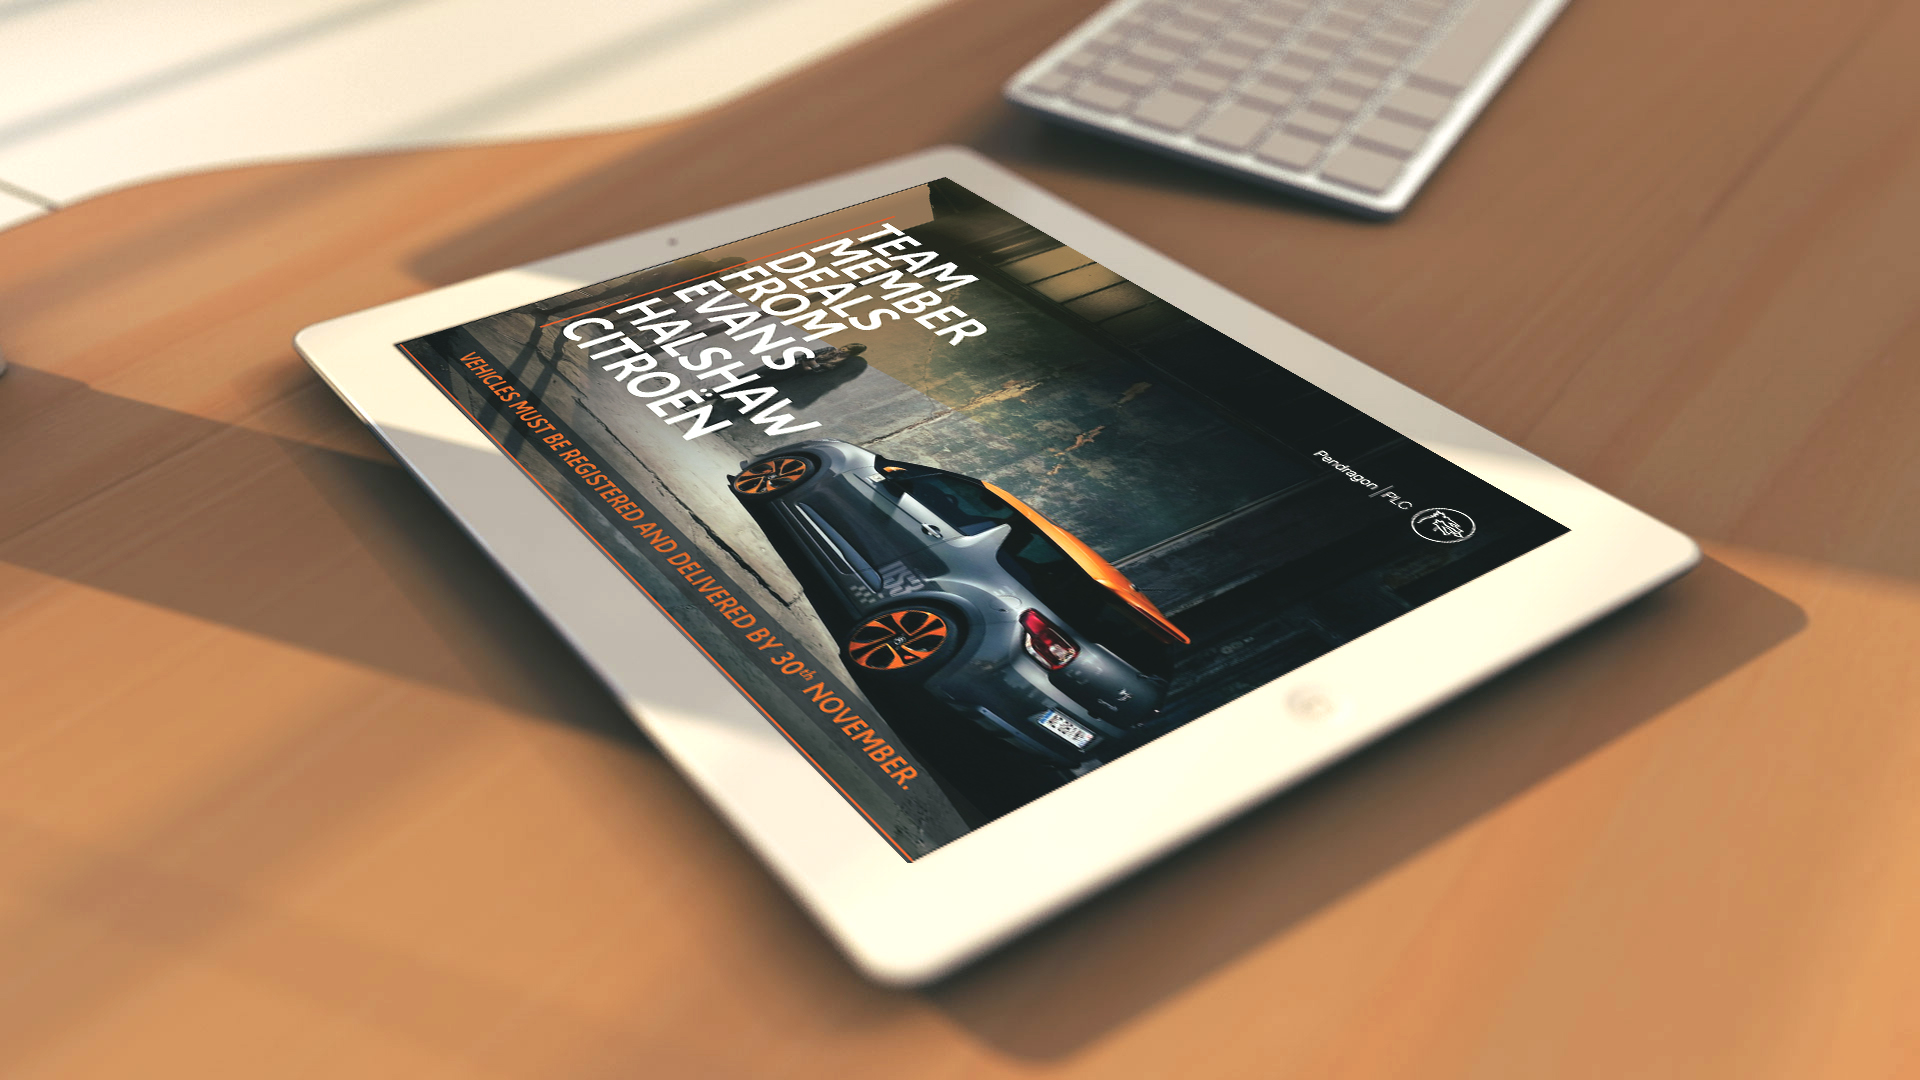 iPad Citroen.jpg